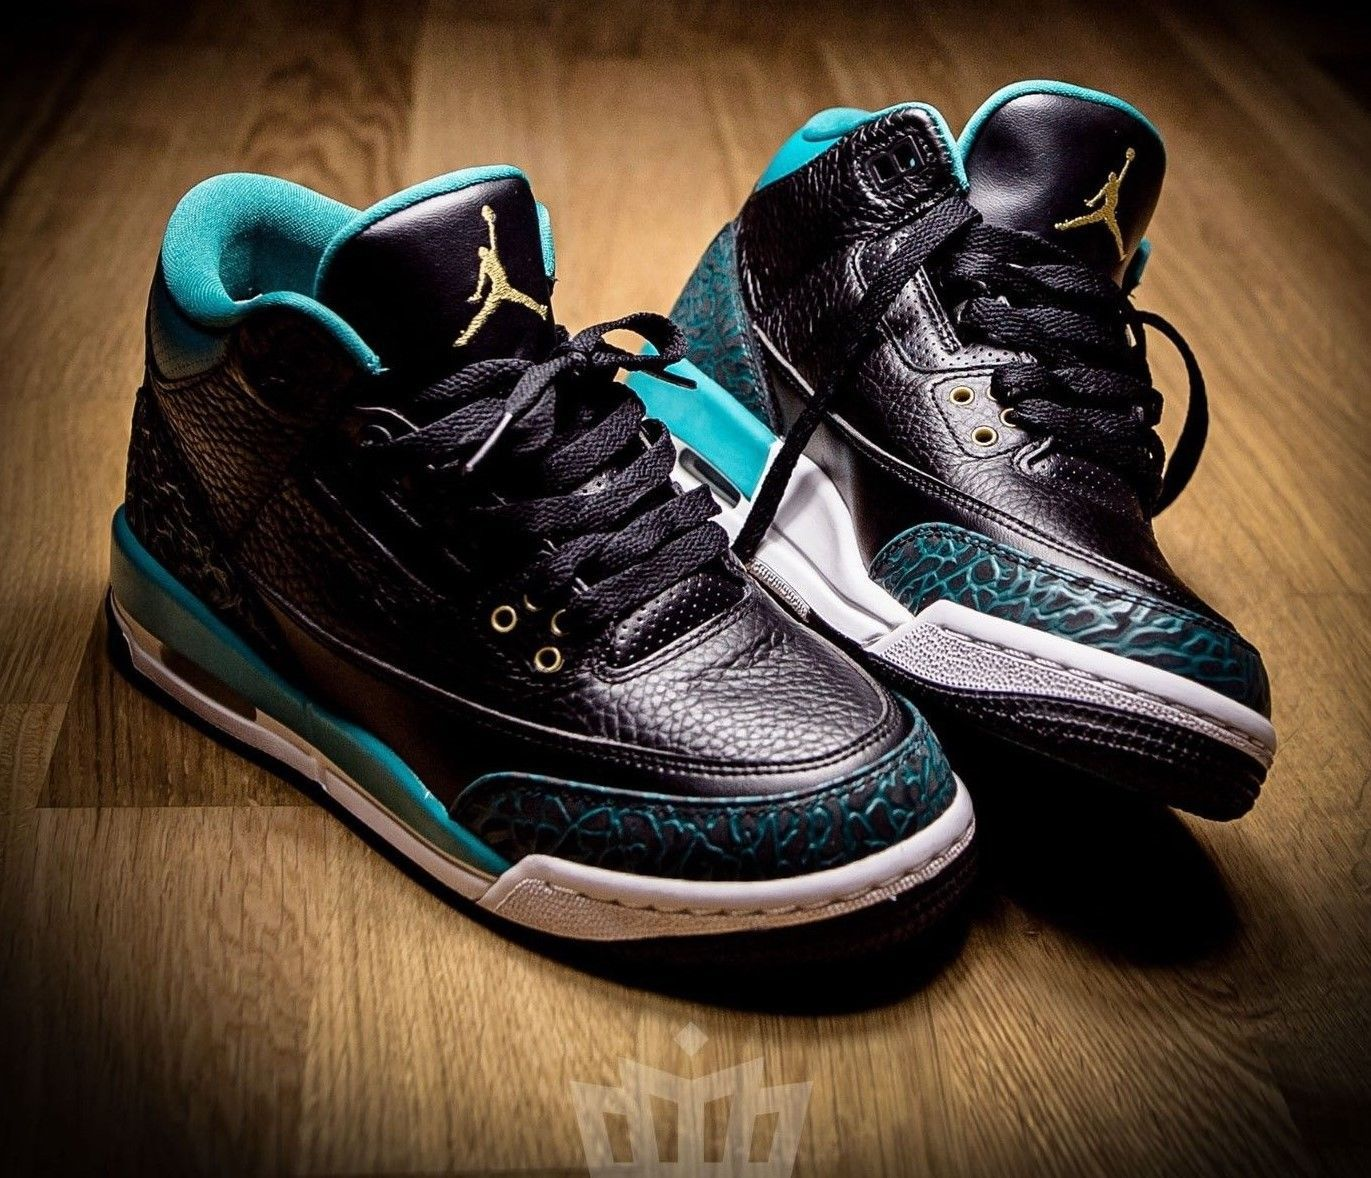 b86a41f88877 New Nike Air Jordan 3 Retro Low Gg Sz  and 50 similar items